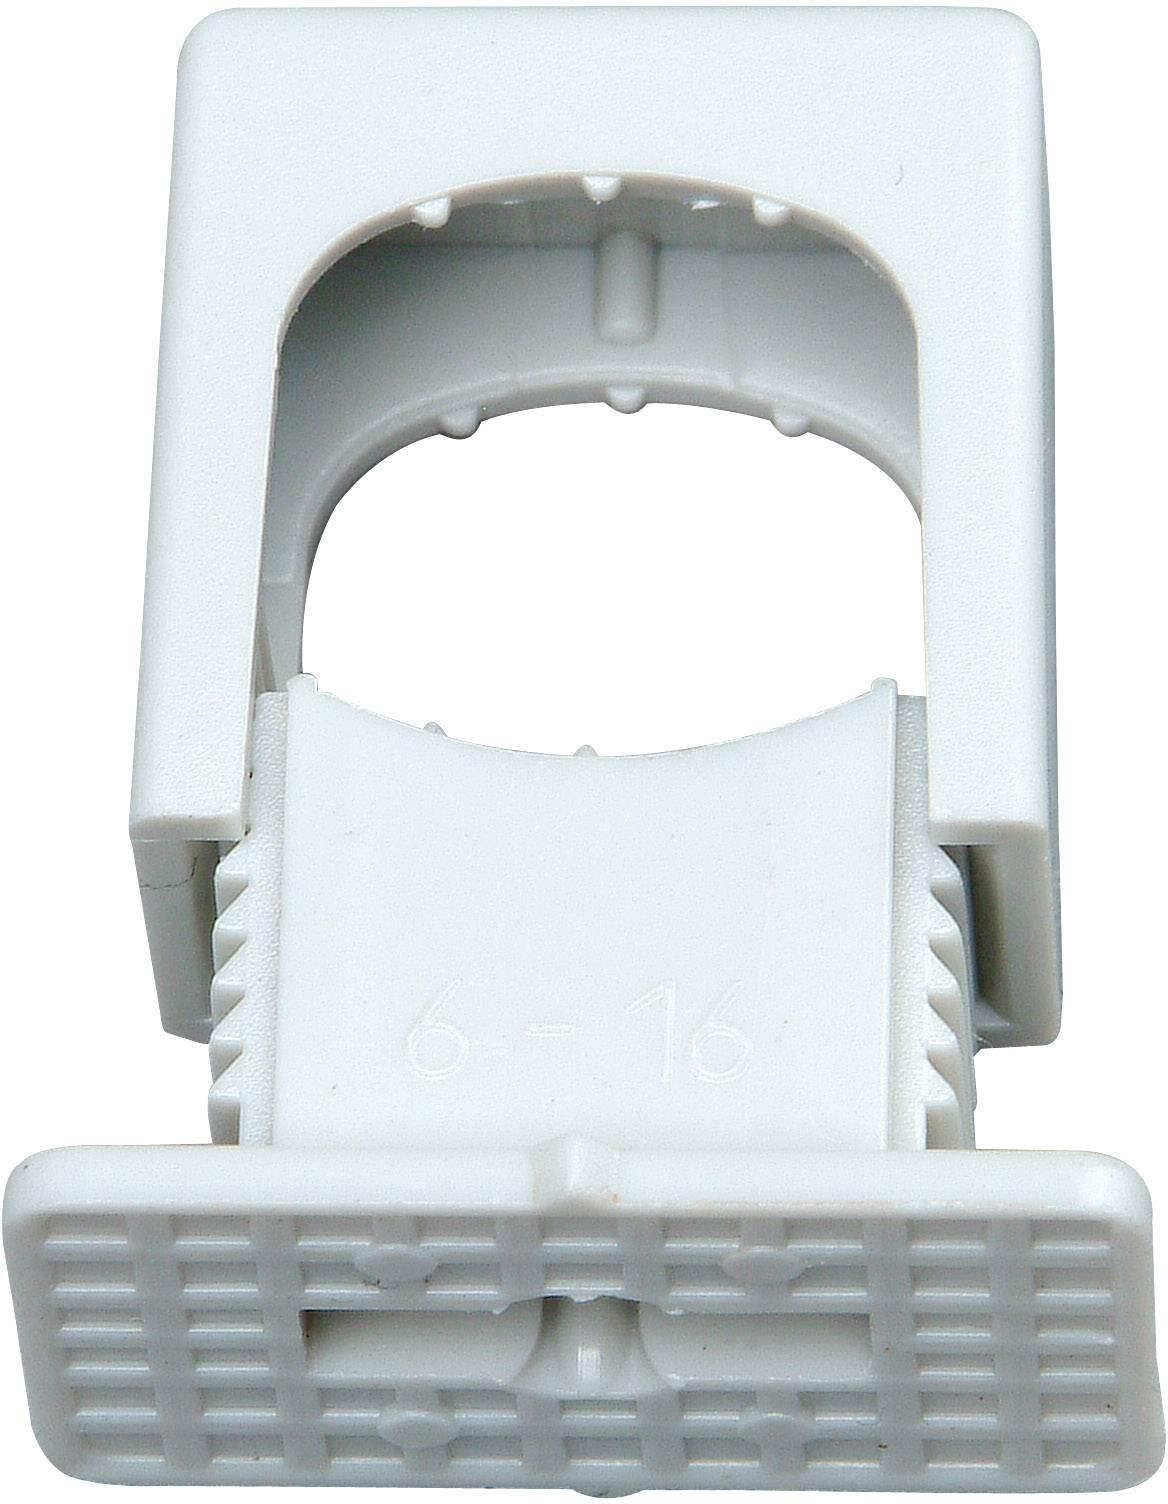 Kopp Druck-Iso-Schelle 6-16mm M6-Gewinde Kabelbefestigung f Leitungen grau 50St